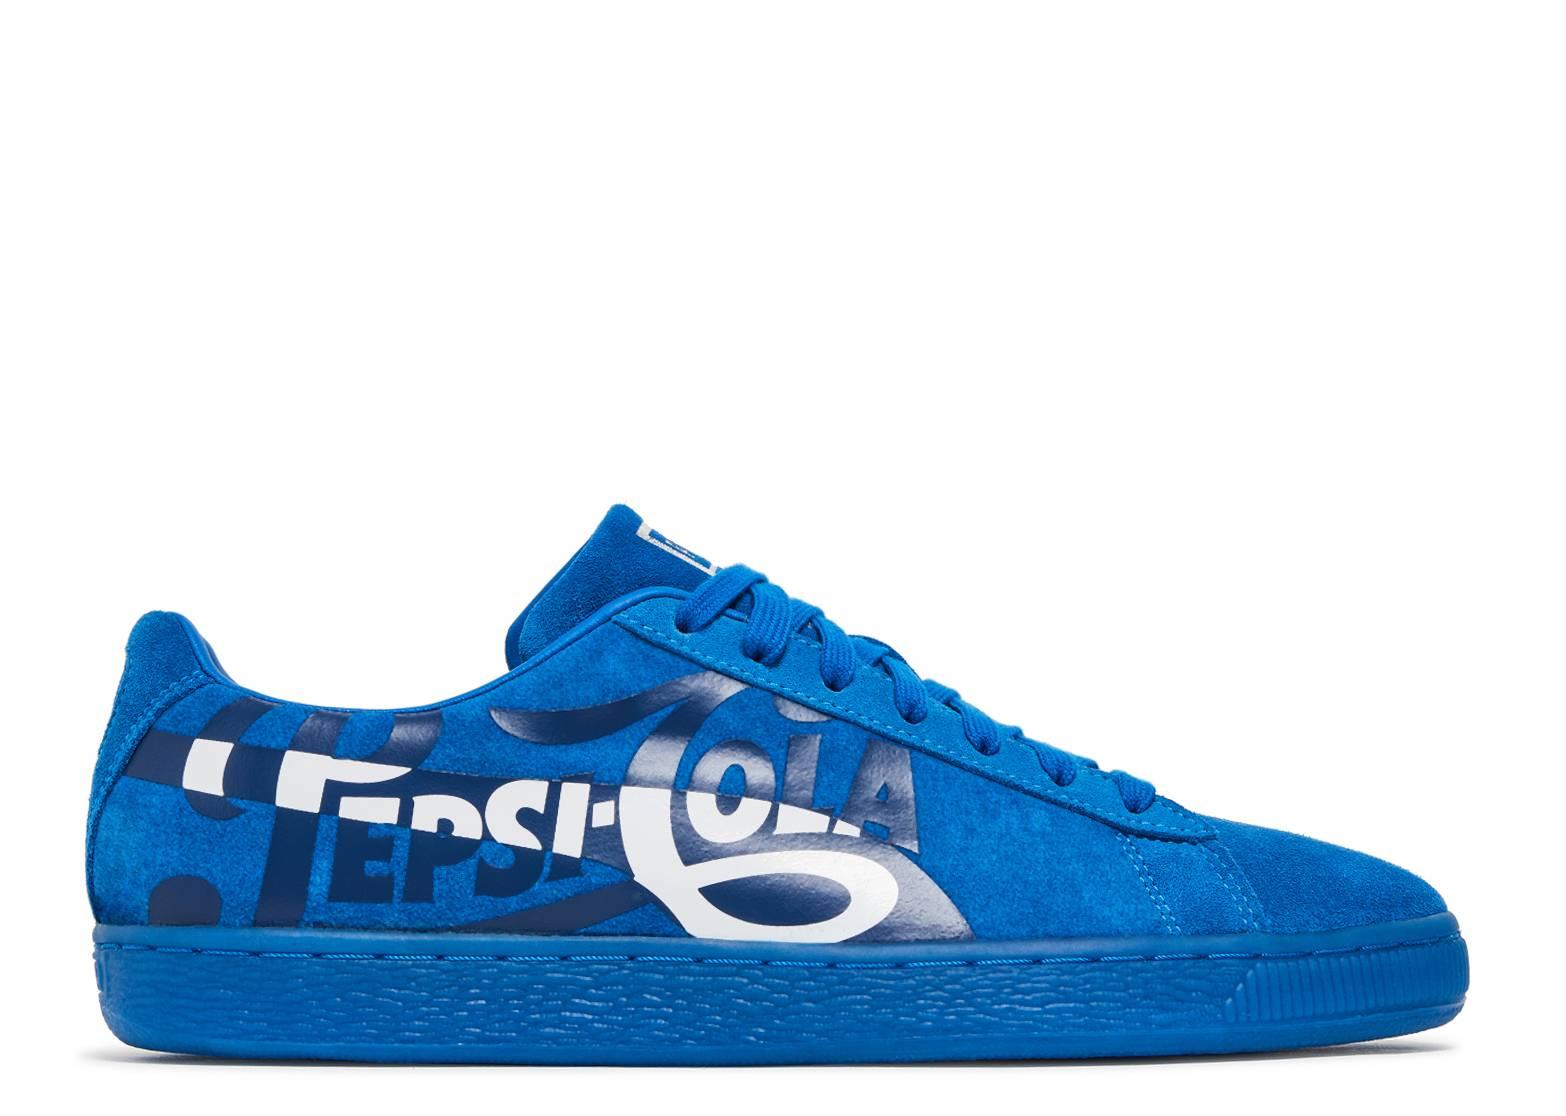 newest 1d2b5 1638b Pepsi x Suede Classic 'Clean Blue'